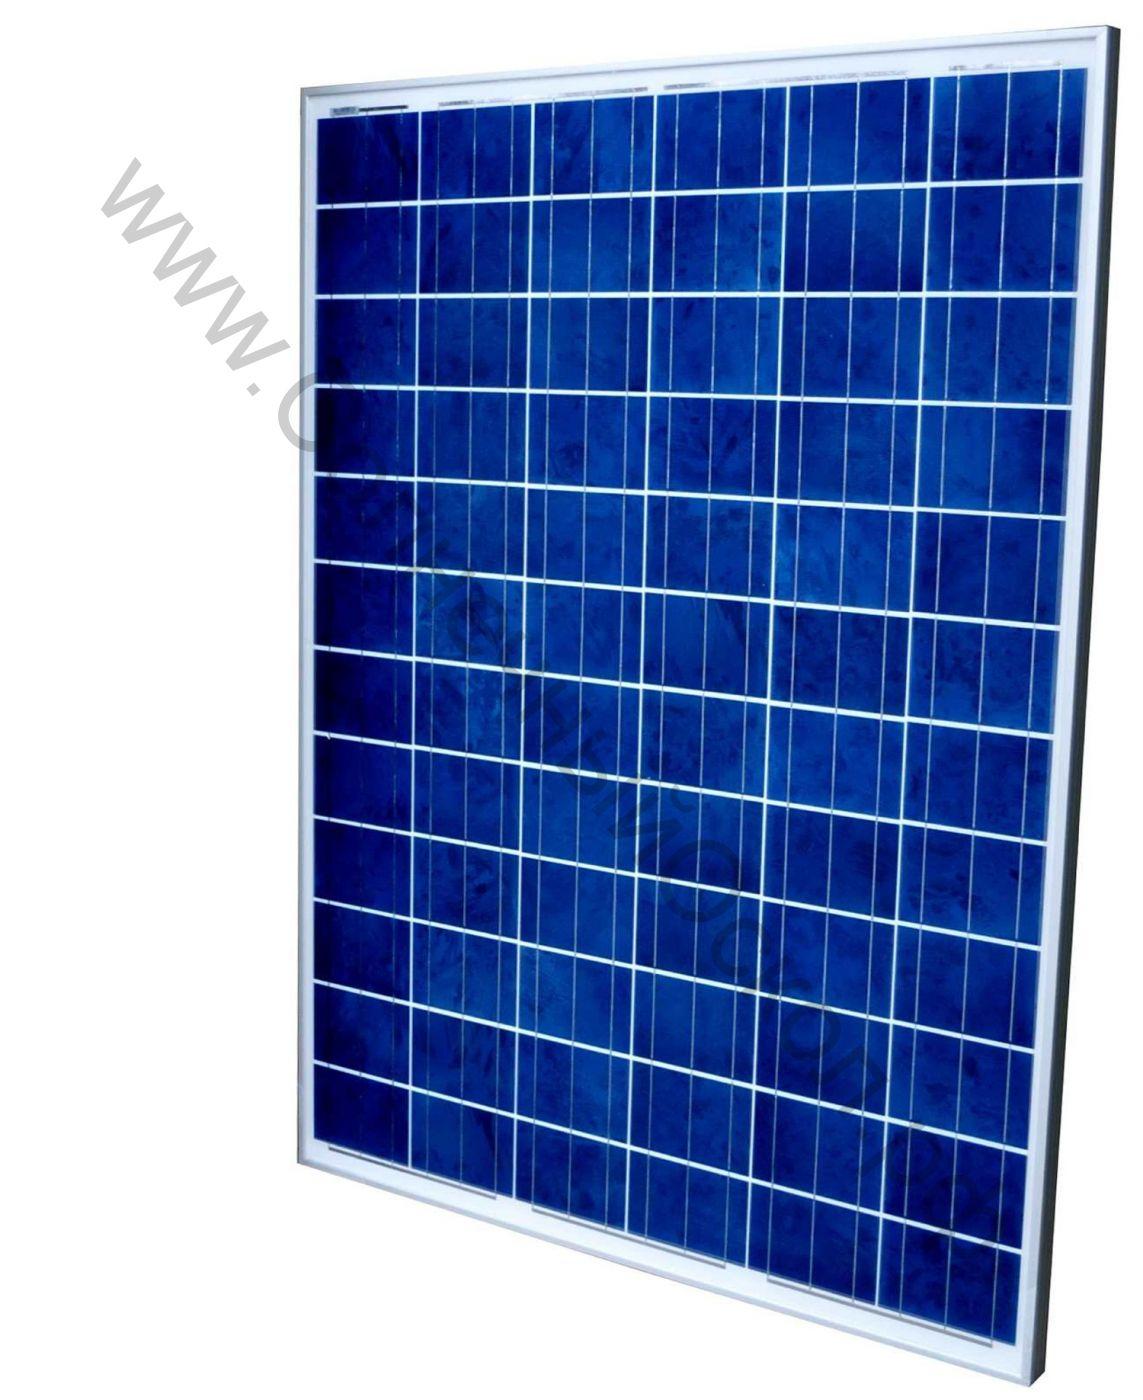 Поликристаллическая солнечная панель WDNY-220P54